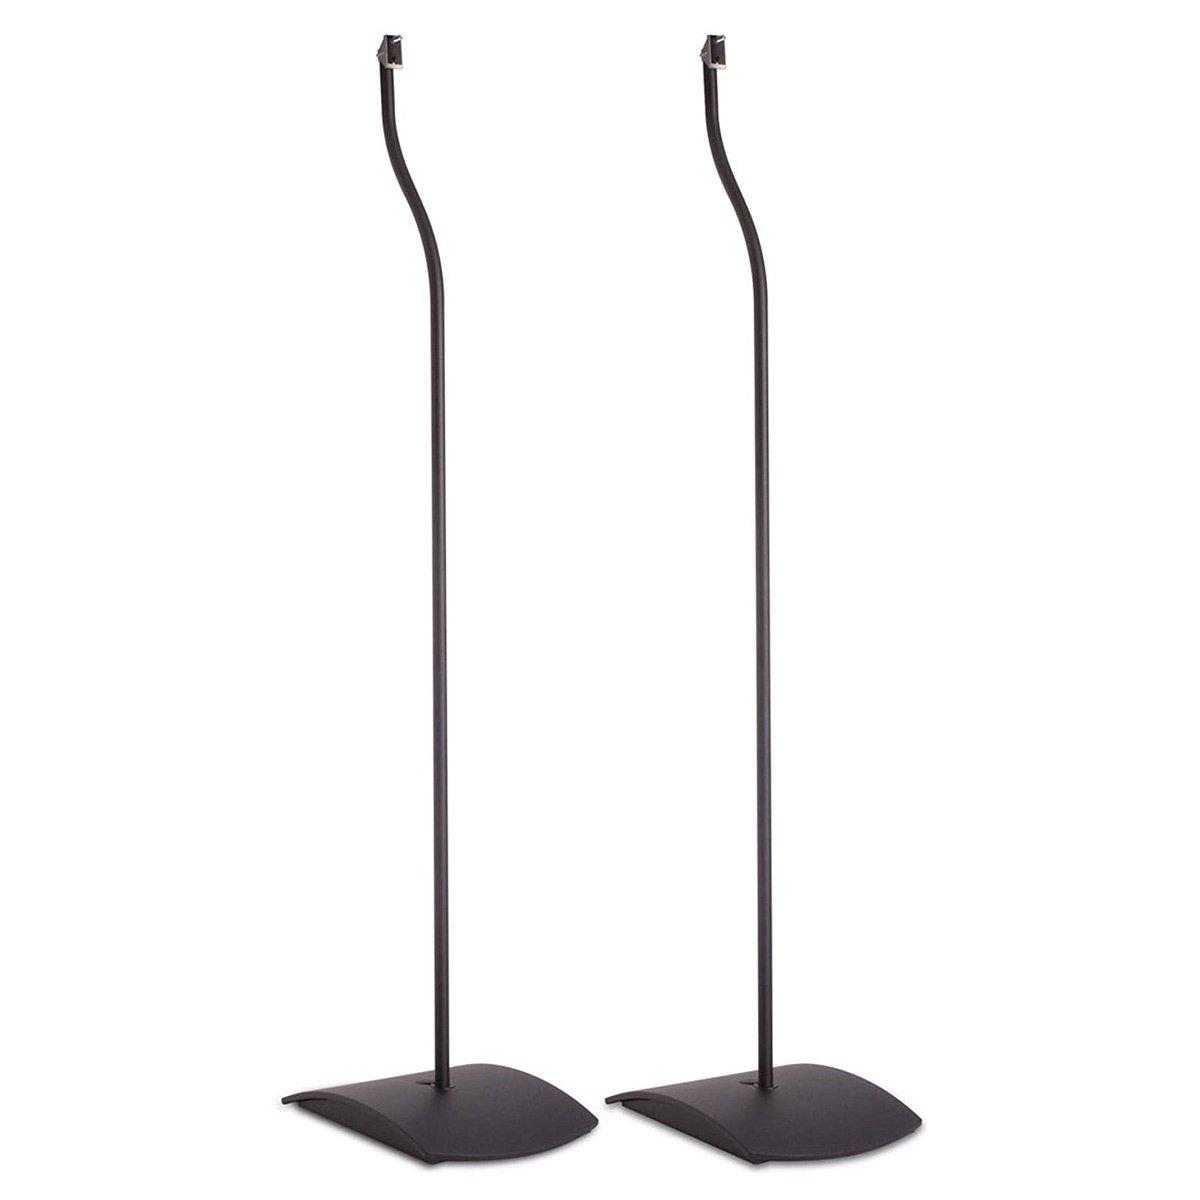 Bose UFS-20 Series II Floor Stands - Pair (Black)